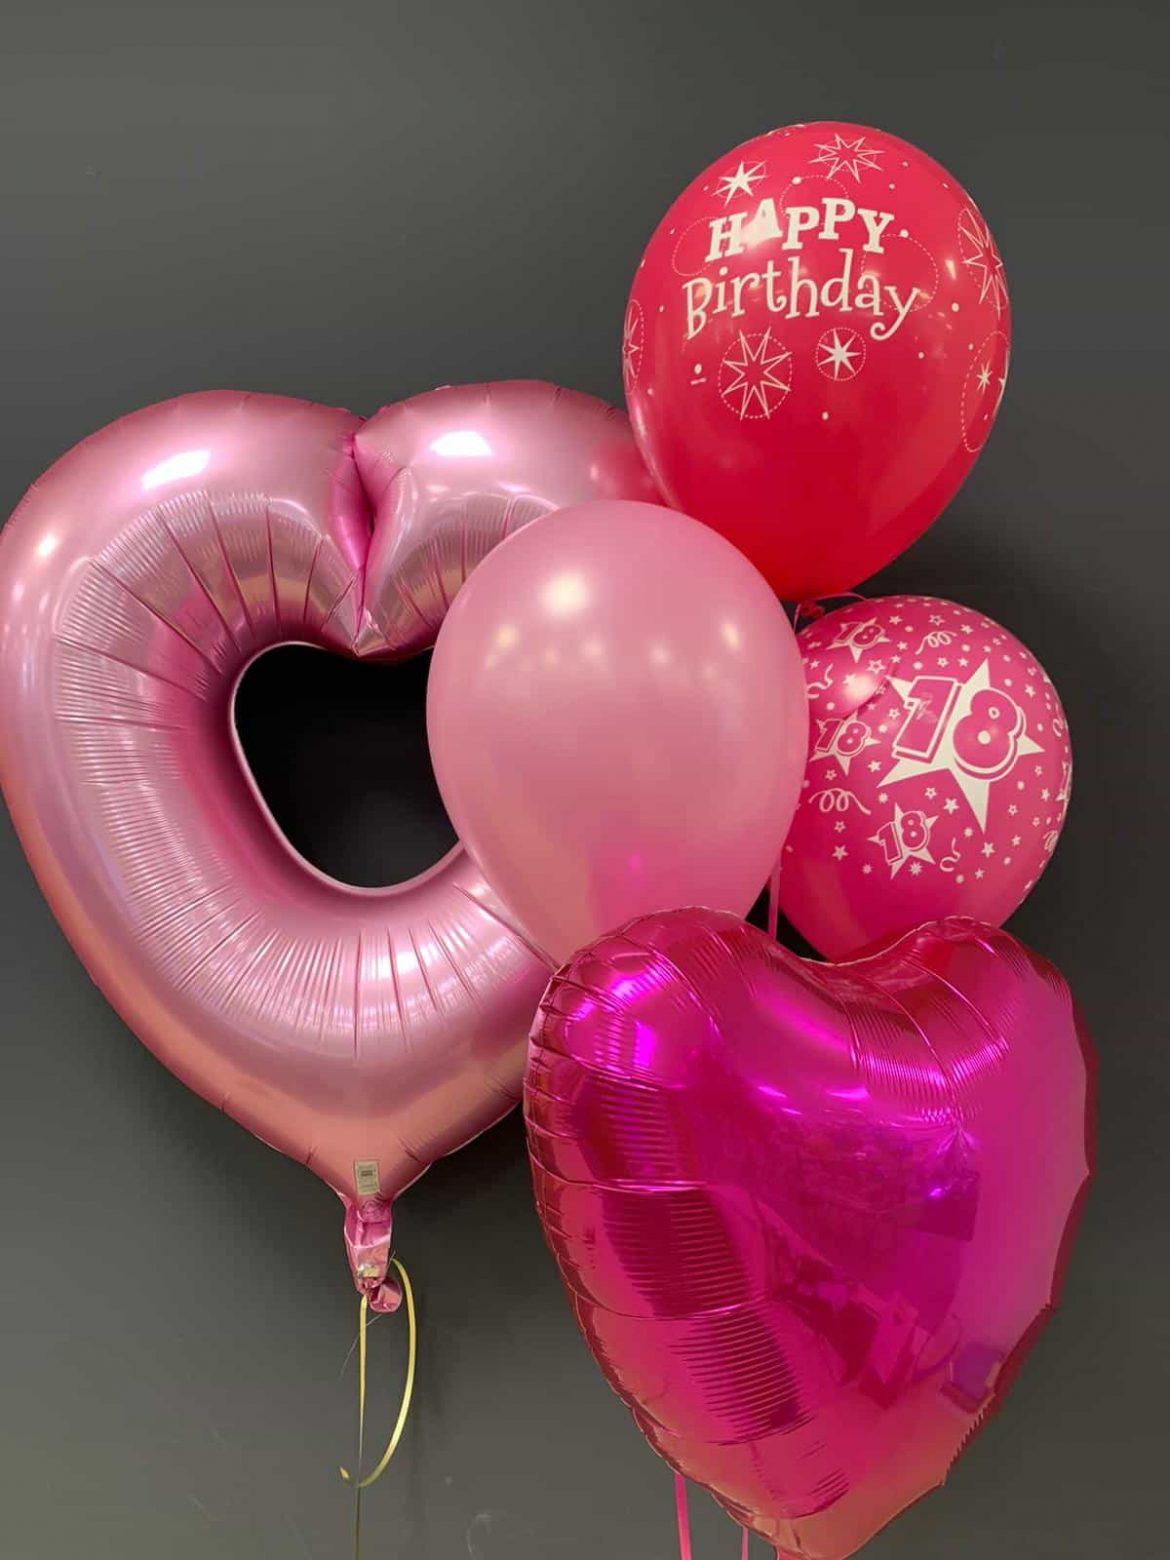 Großes Herz € 7,90 <br /> Latexballons € 1,95 <br /> Dekoballon € 4,50 1